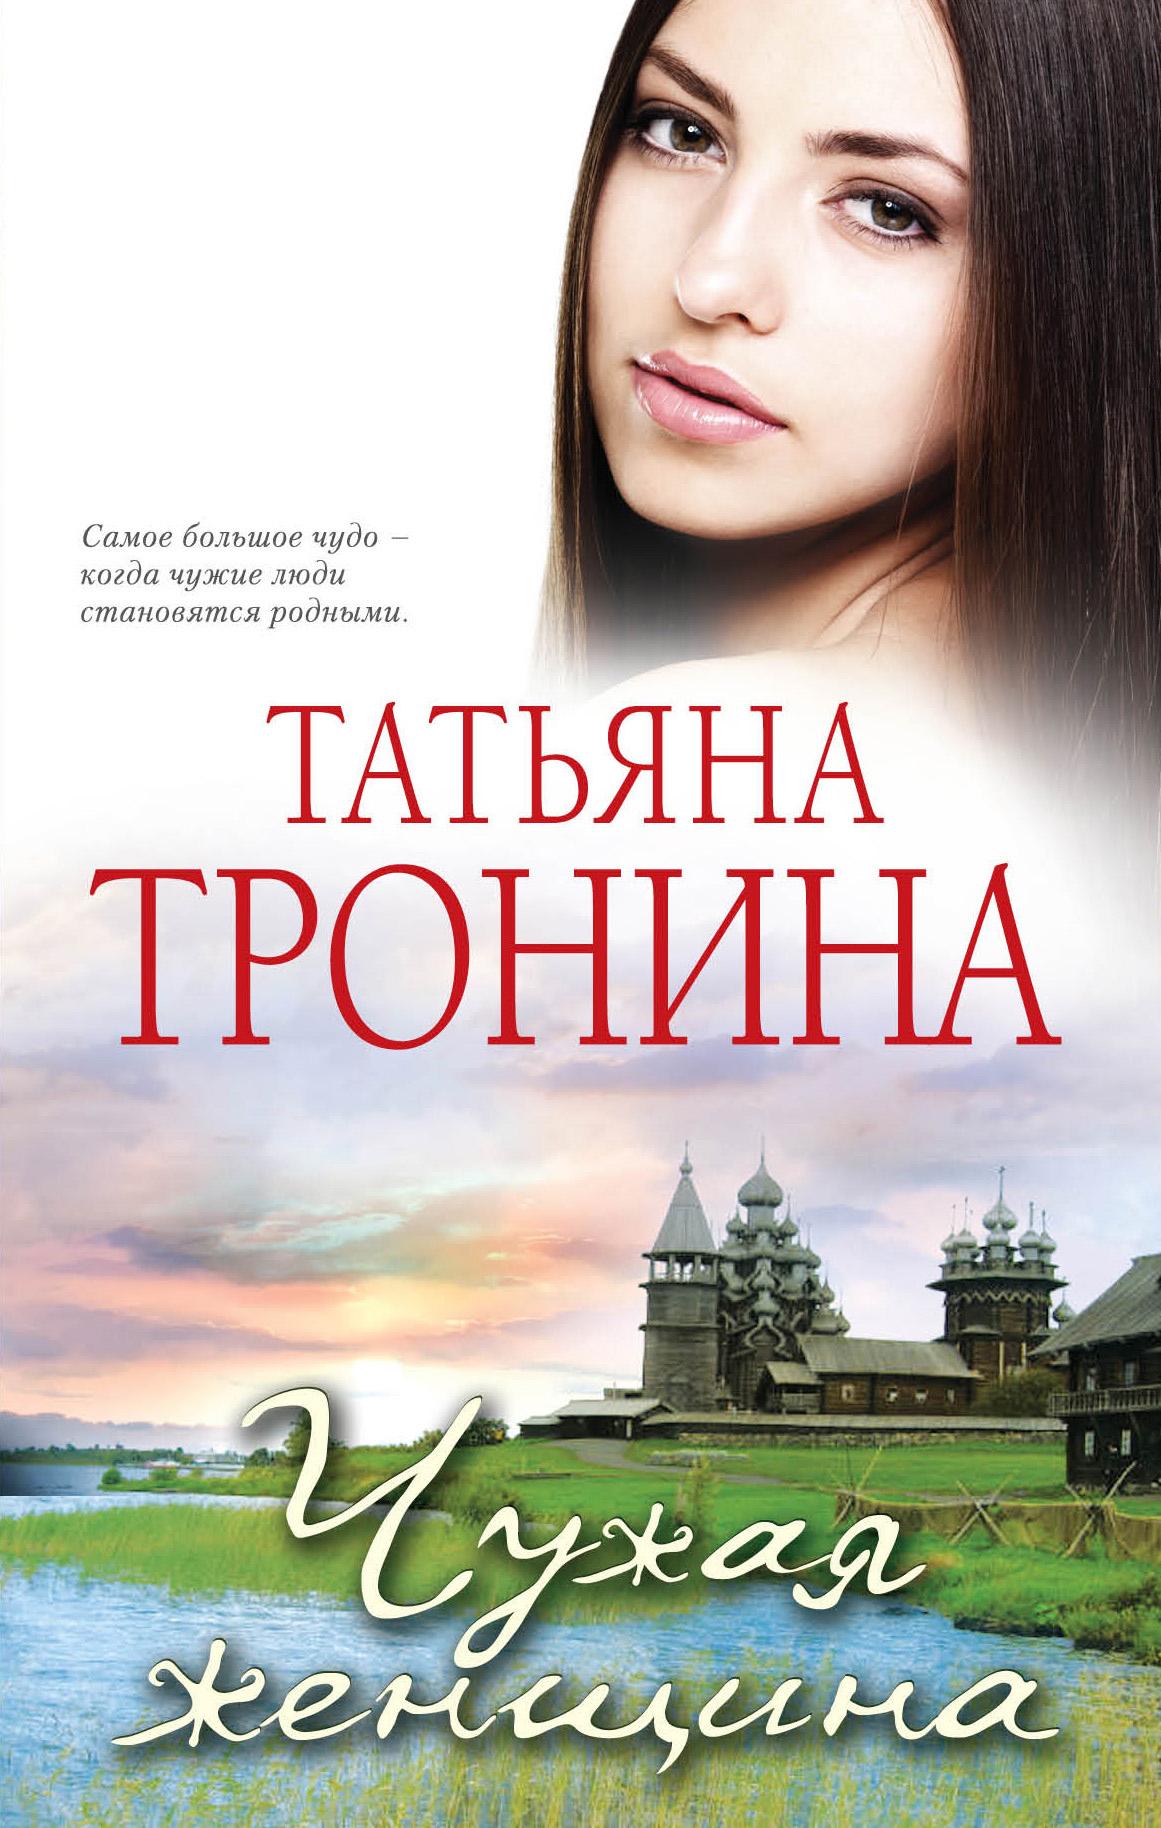 Татьяна Тронина Чужая женщина изабелла аллен фельдман раневская в домашних тапочках самый близкий человек вспоминает